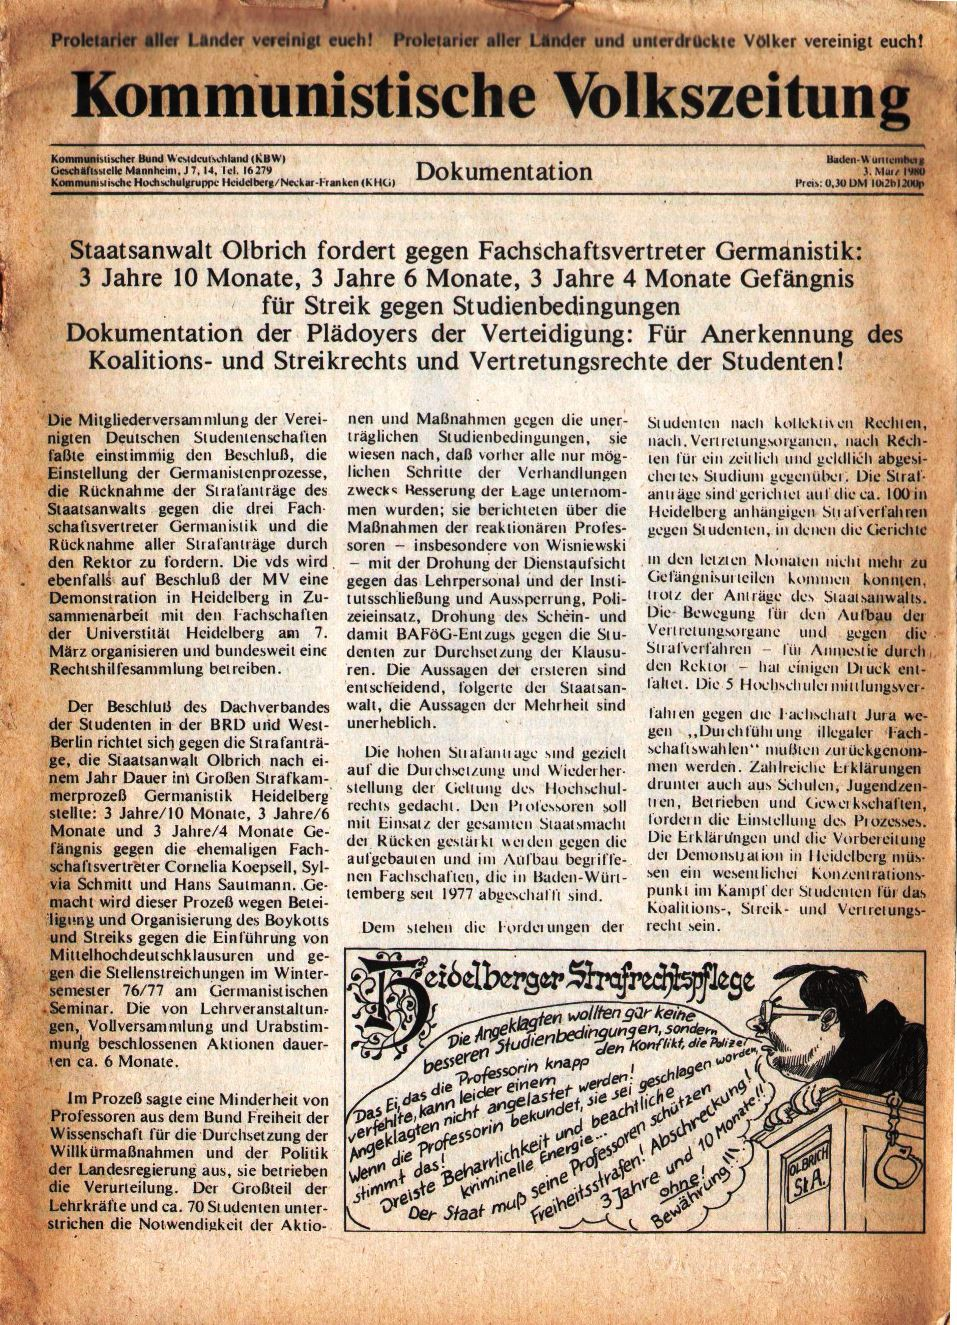 Heidelberg_KHG_1980_Germanistenprozess001